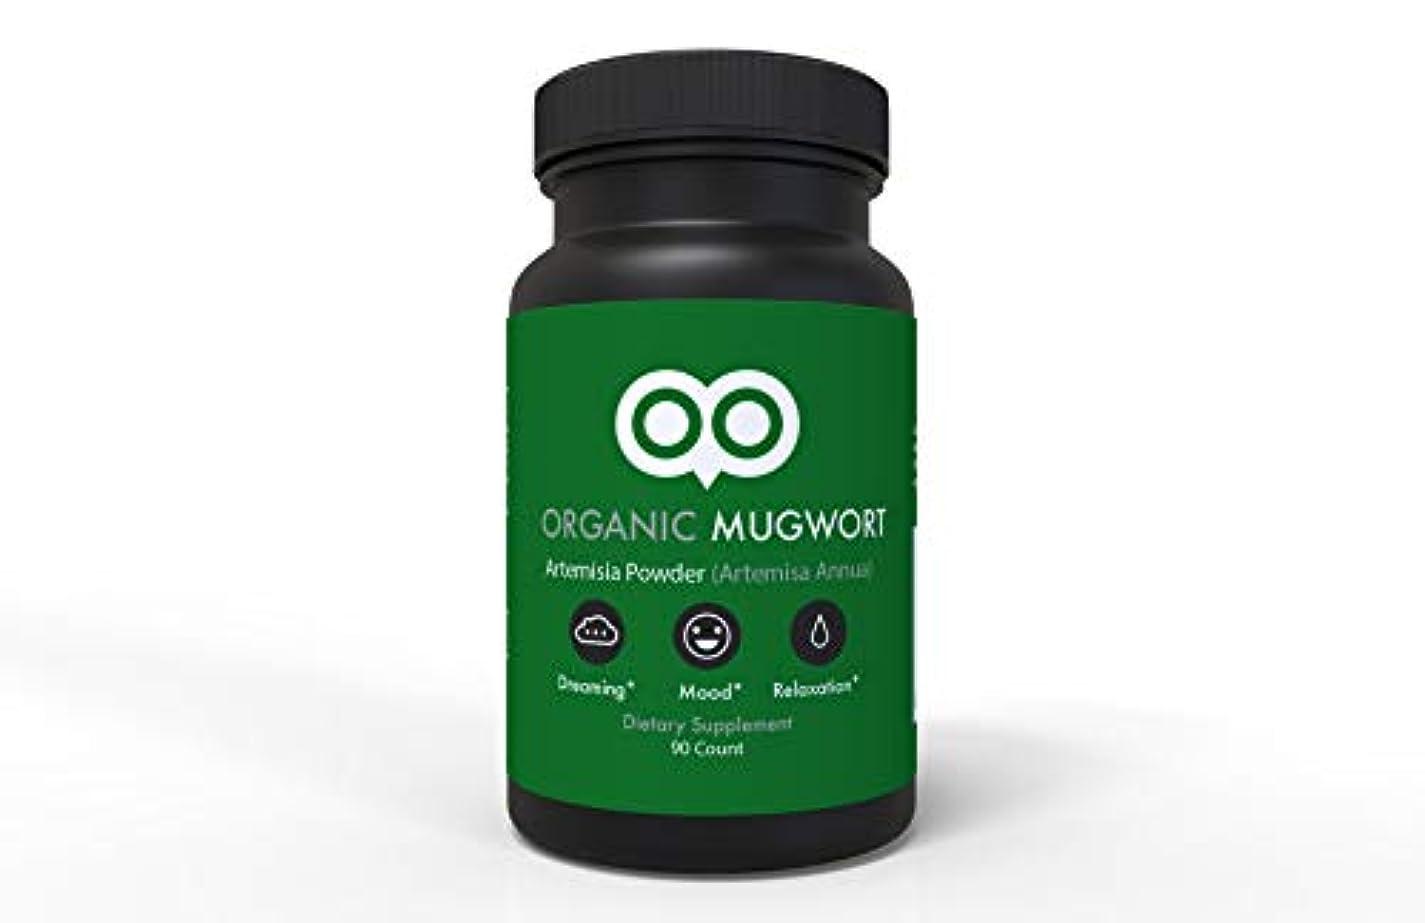 入る不注意プリーツDream Leaf ヨモギ カプセル 450 mg 90 カプセル ビーガン ヨモギ アルテミスサ アヌア